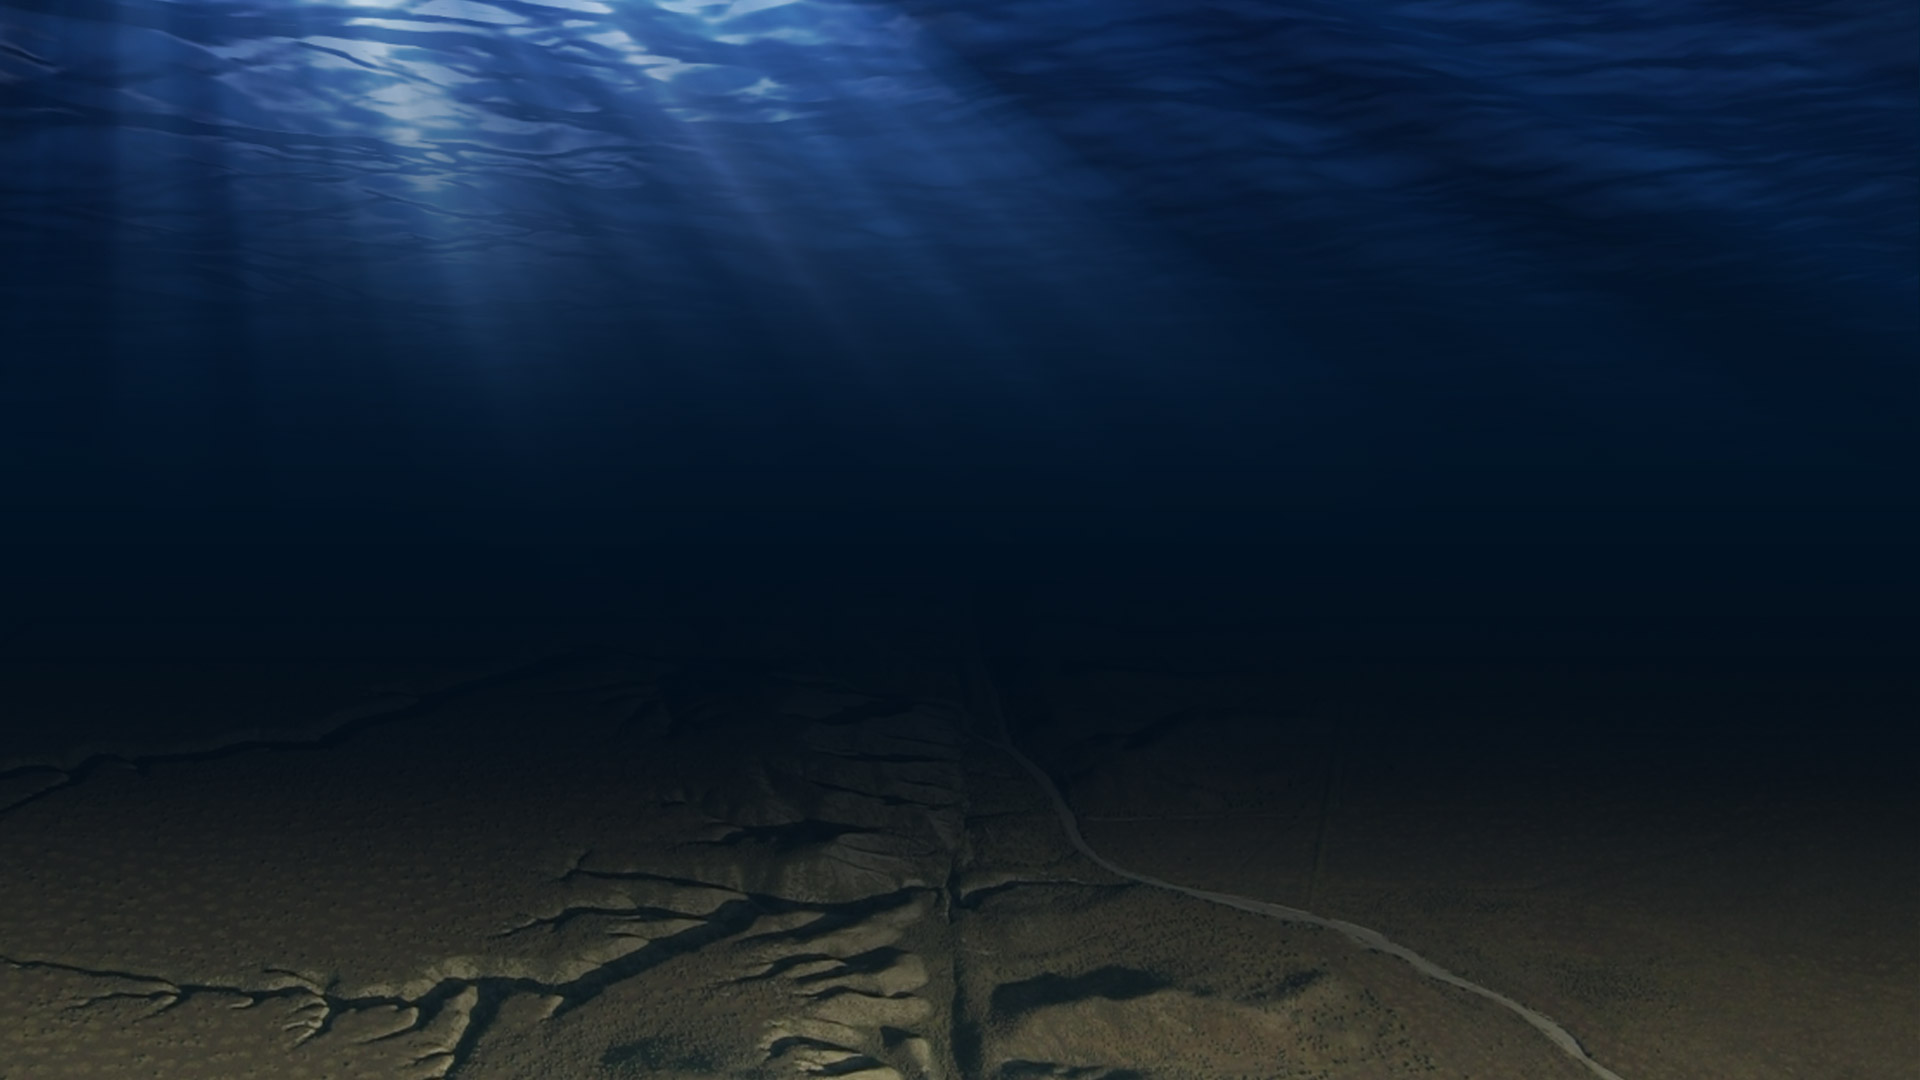 PM Deniz ve Kara Araştırmaları Mühendislik Müşavirlik Sanayi ve Tic. Ltd. Şti. - www.pmdeniz.com